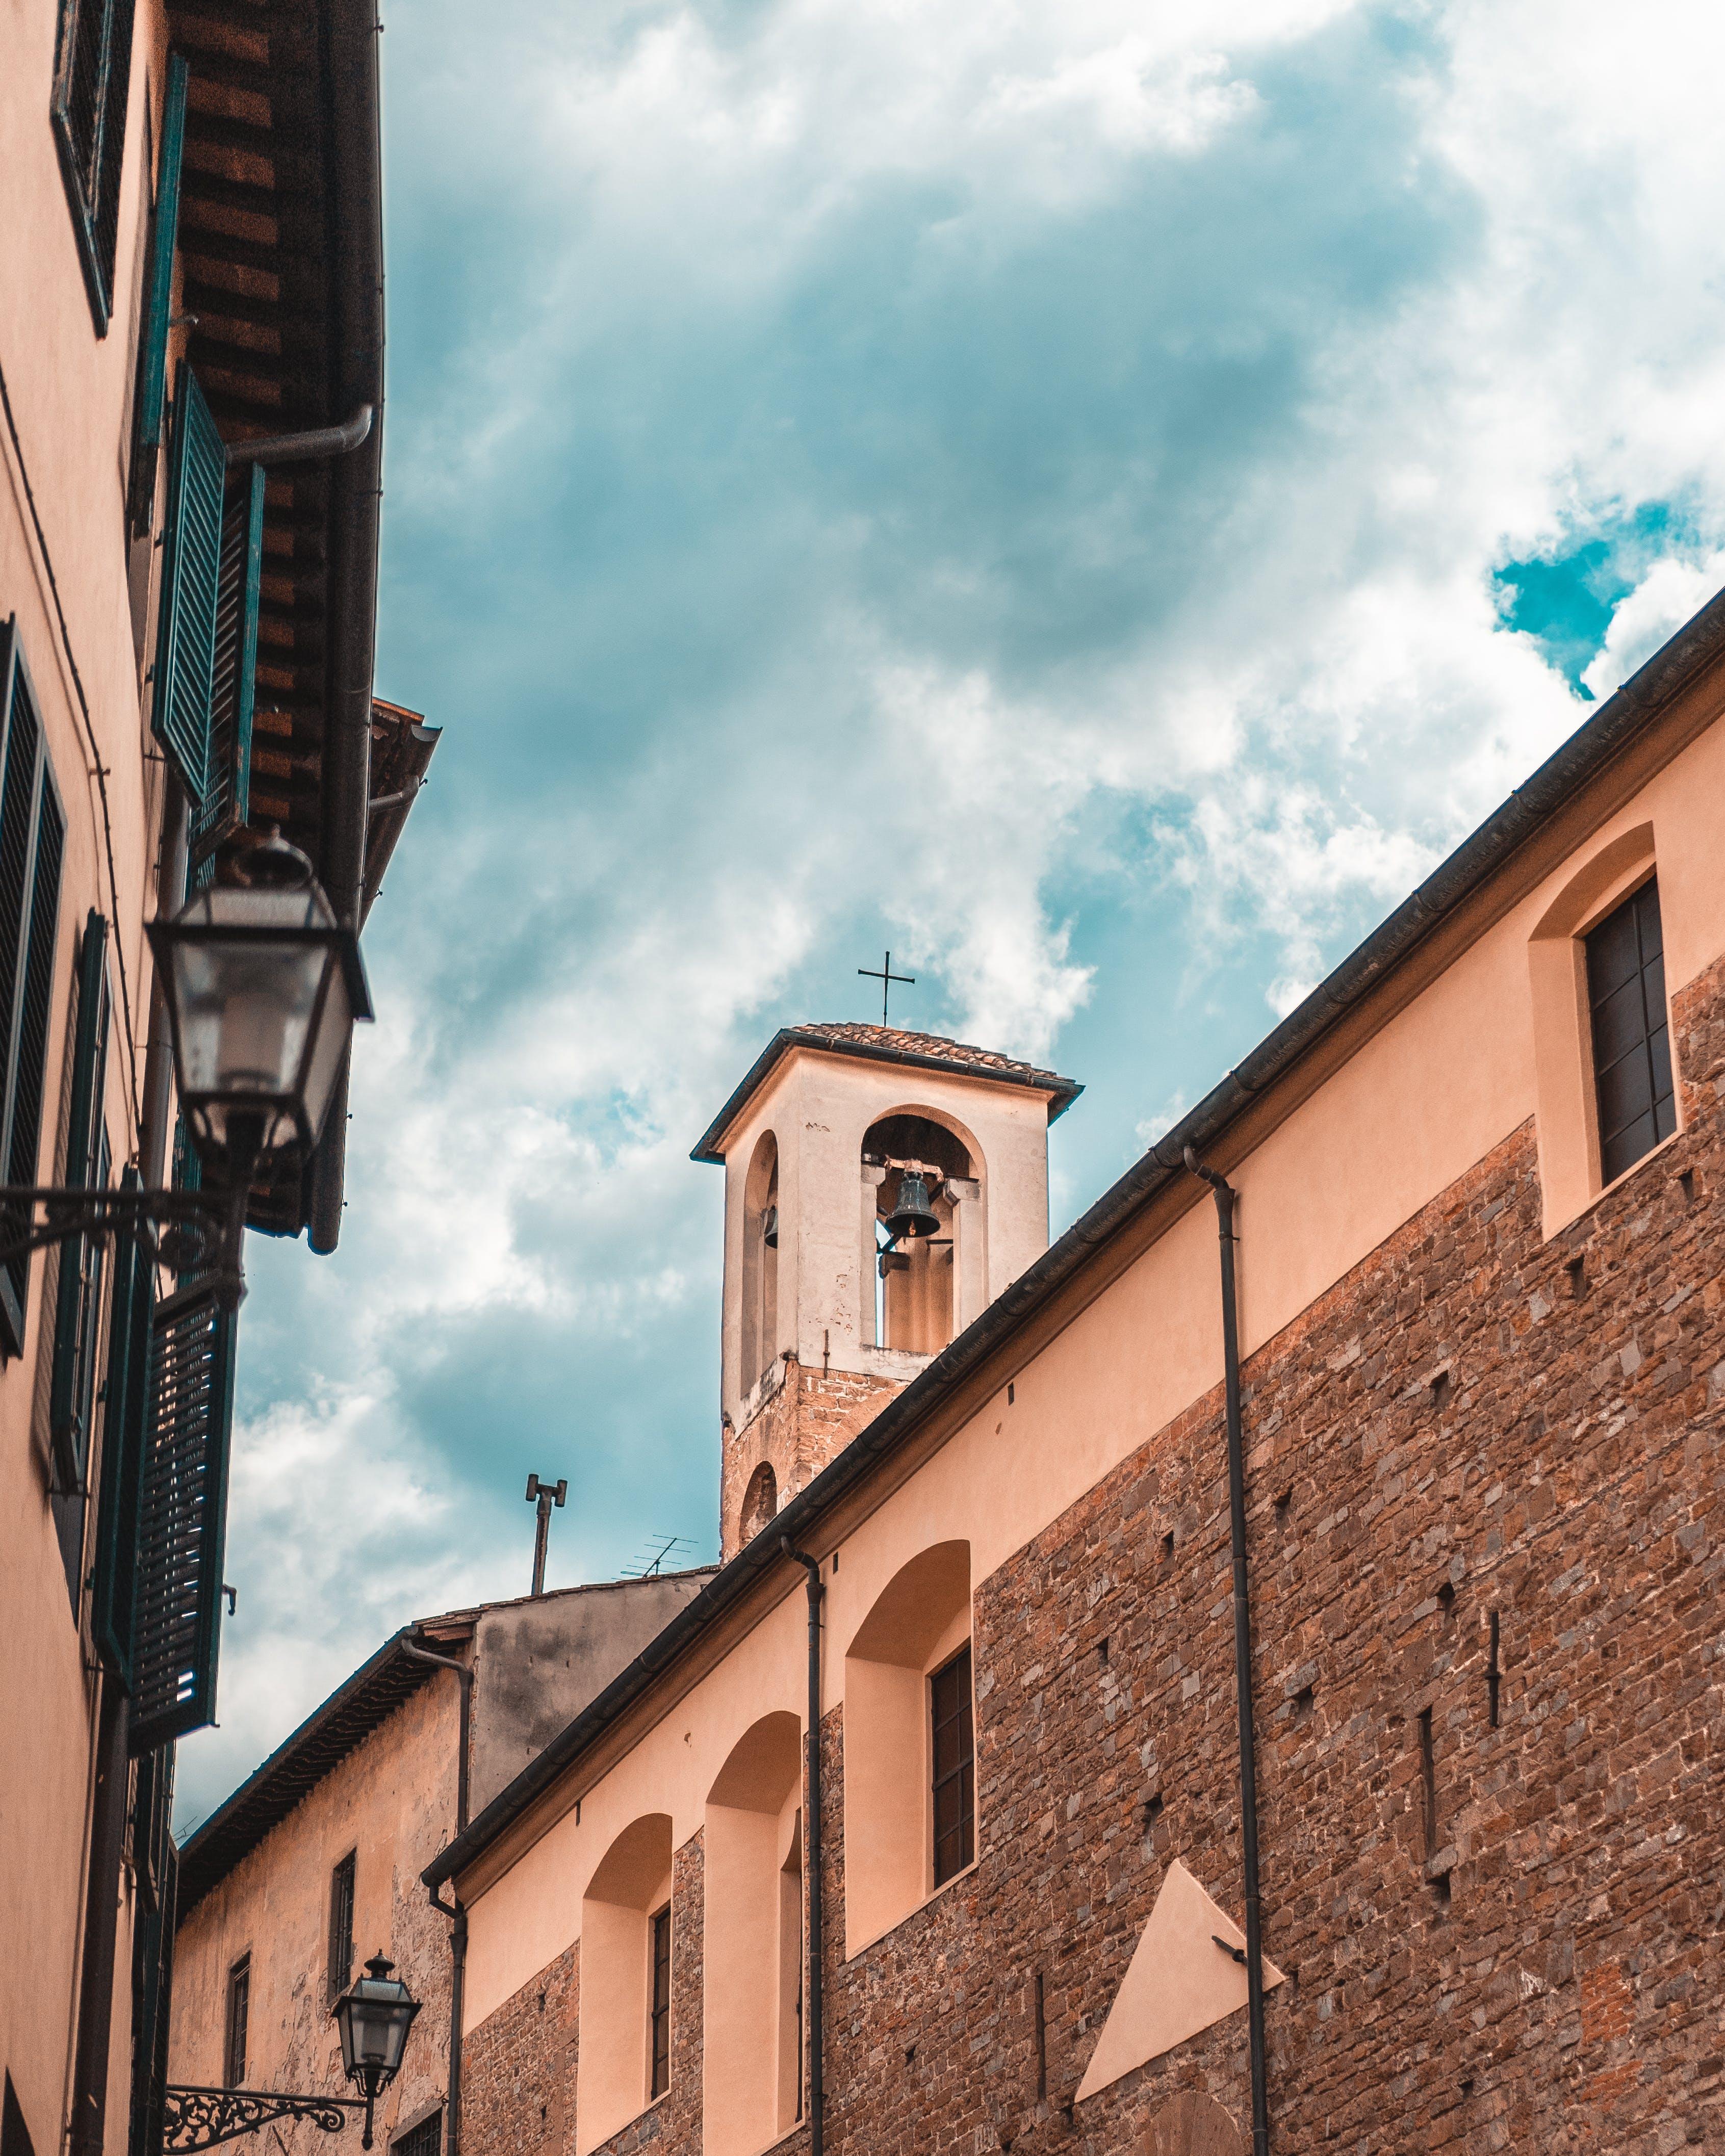 Fotos de stock gratuitas de al aire libre, arquitectura, catedral, cielo